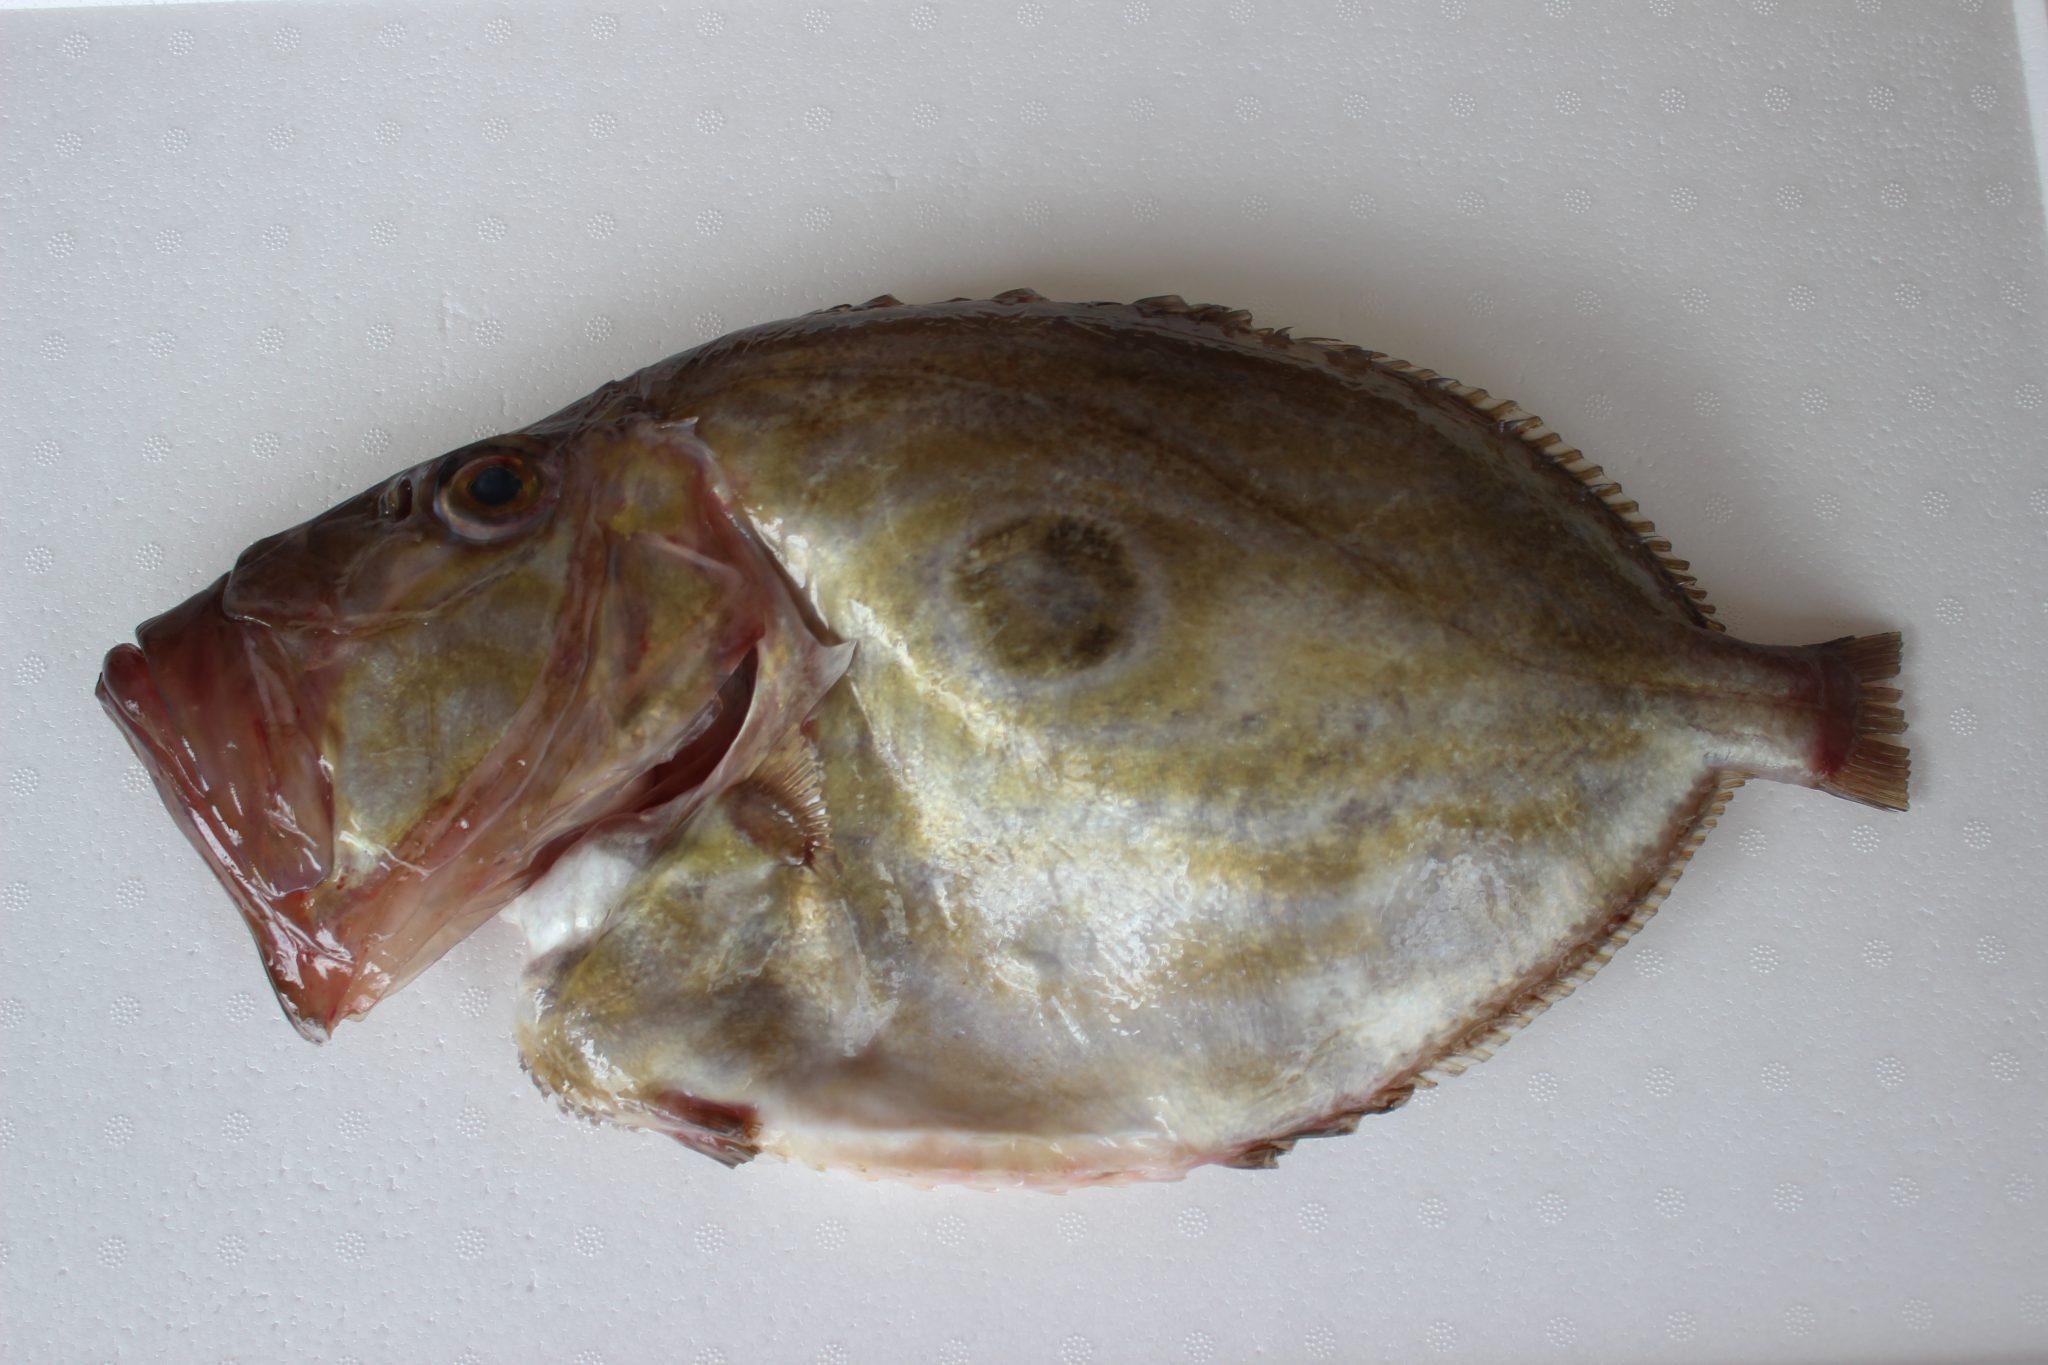 El pez San Pedro, un exquisito pescado fresco salvaje